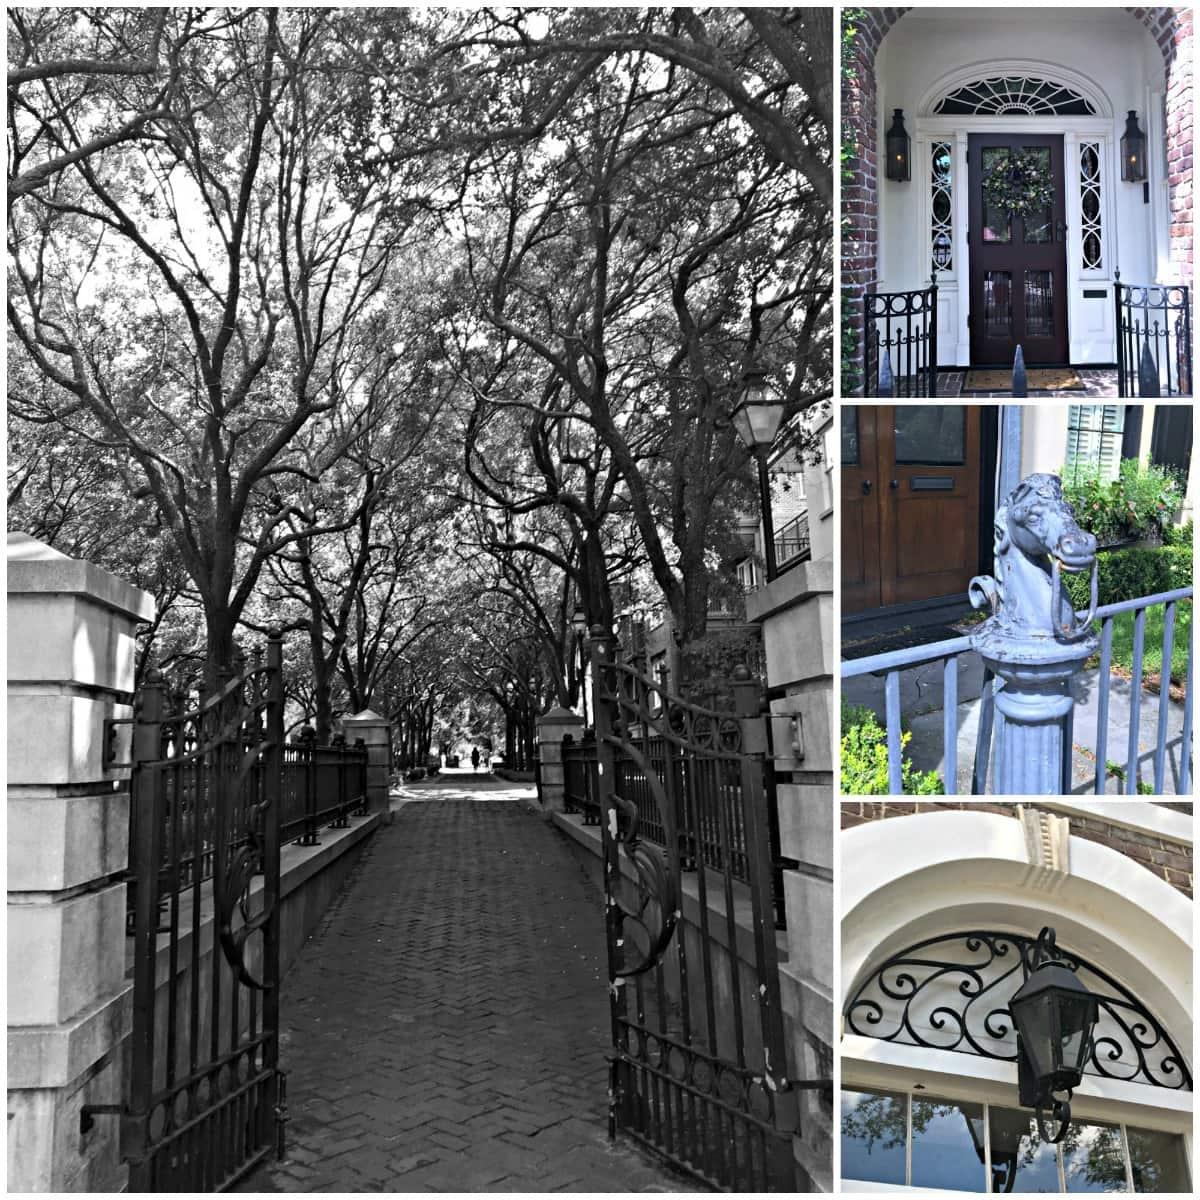 A series of doorways in Charleston, SC